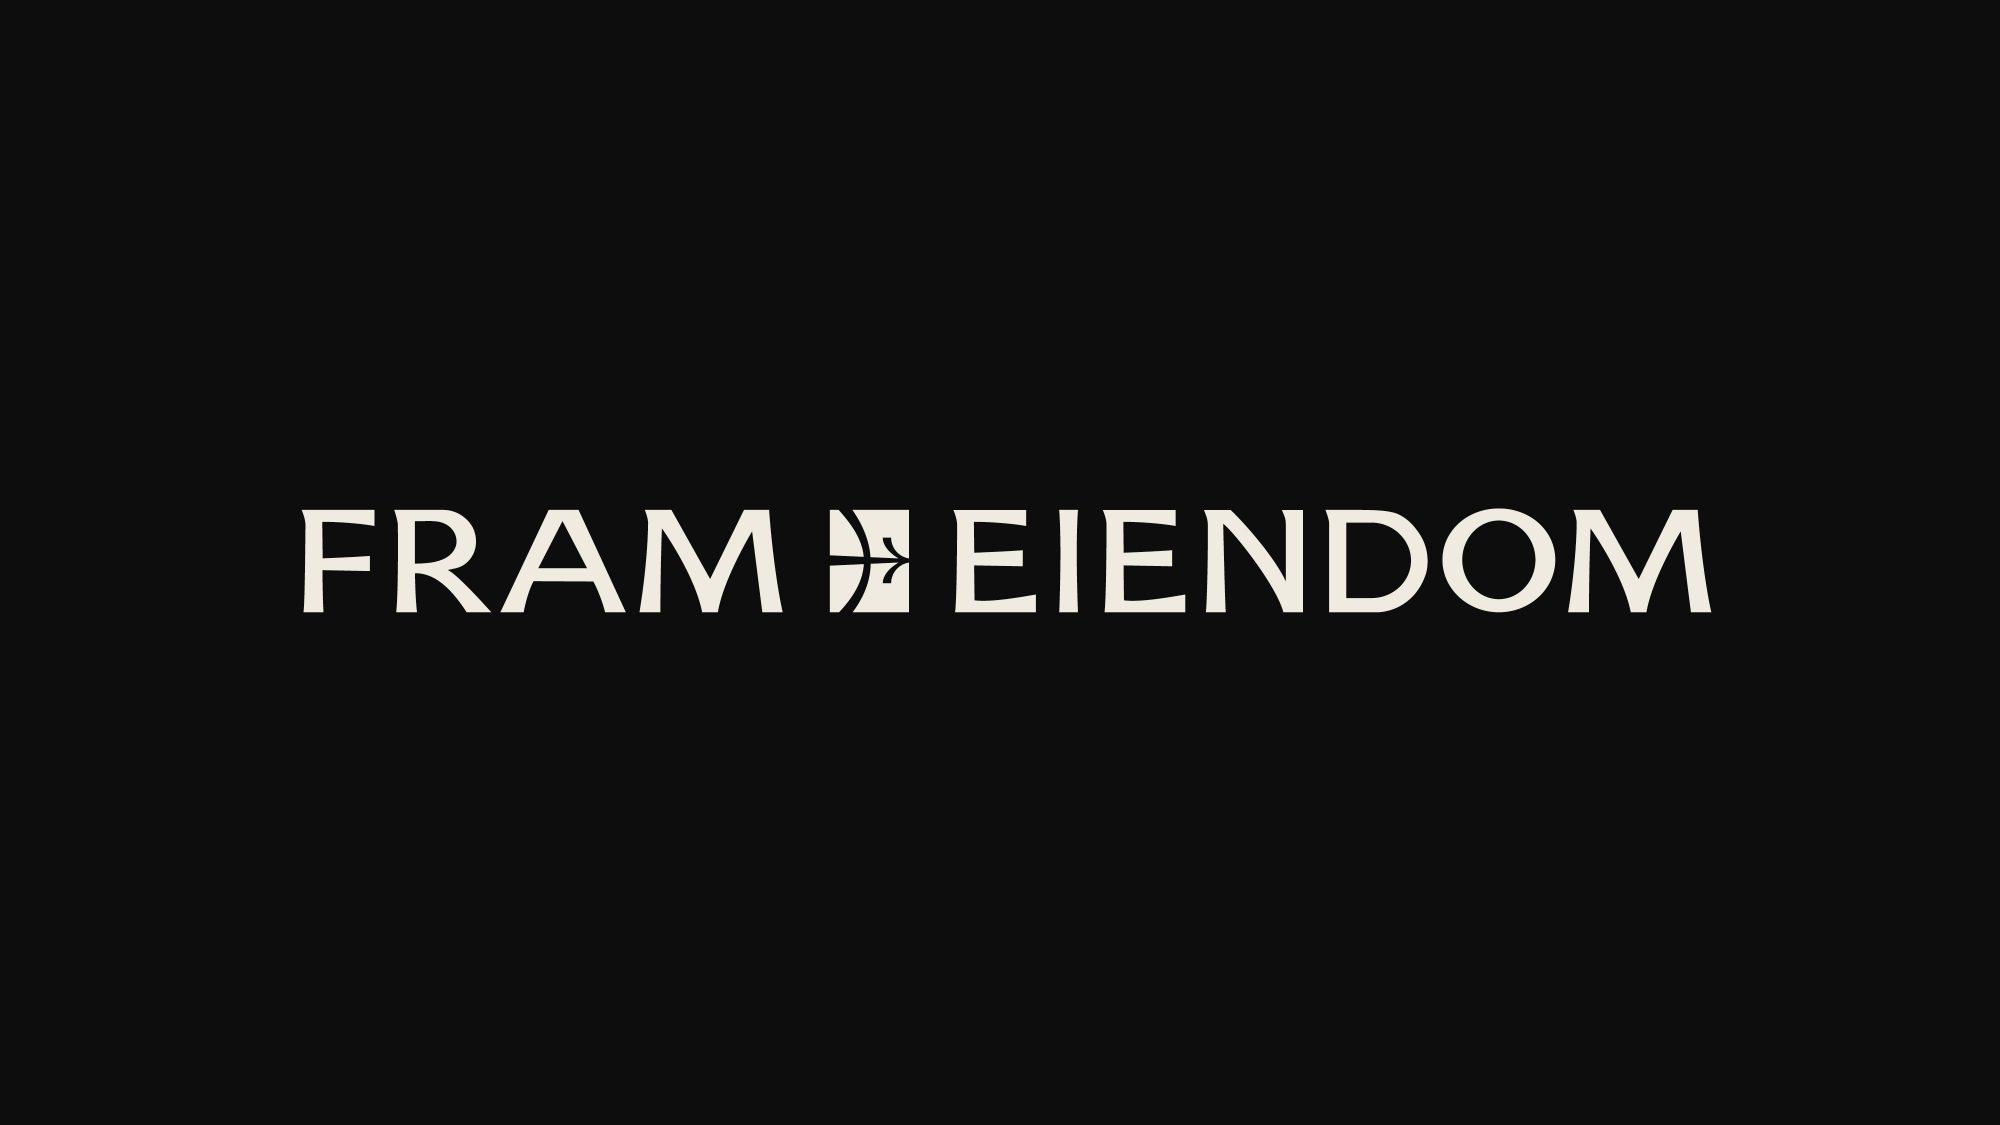 Fram_Eiendom_presentasjon3